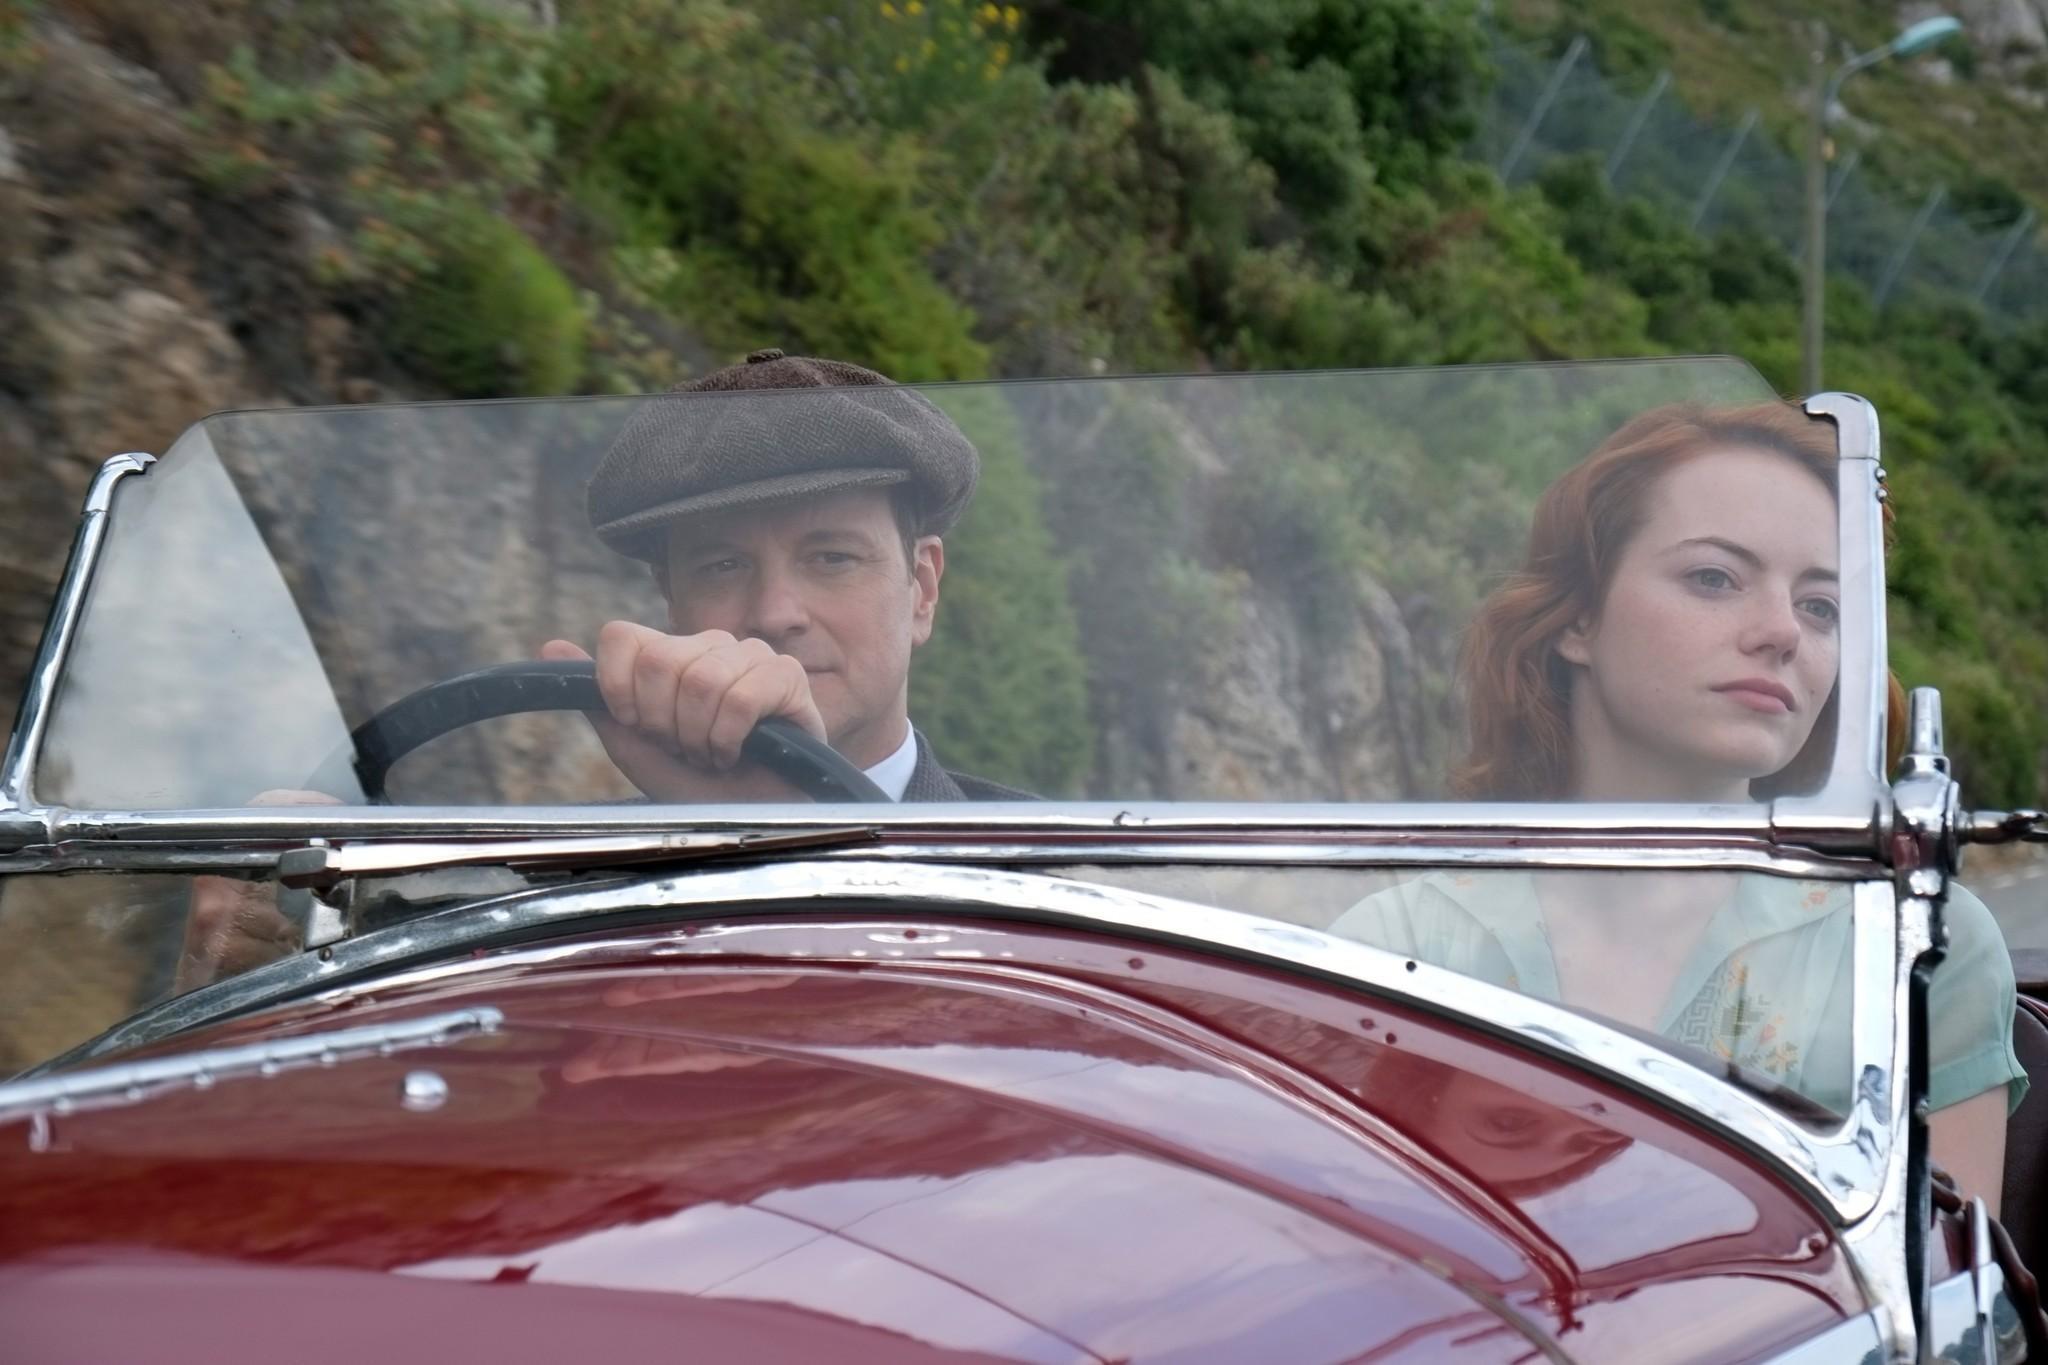 伍迪艾伦新片《魔力月光》首曝预告 科林费斯、艾玛斯通上演奇妙情缘